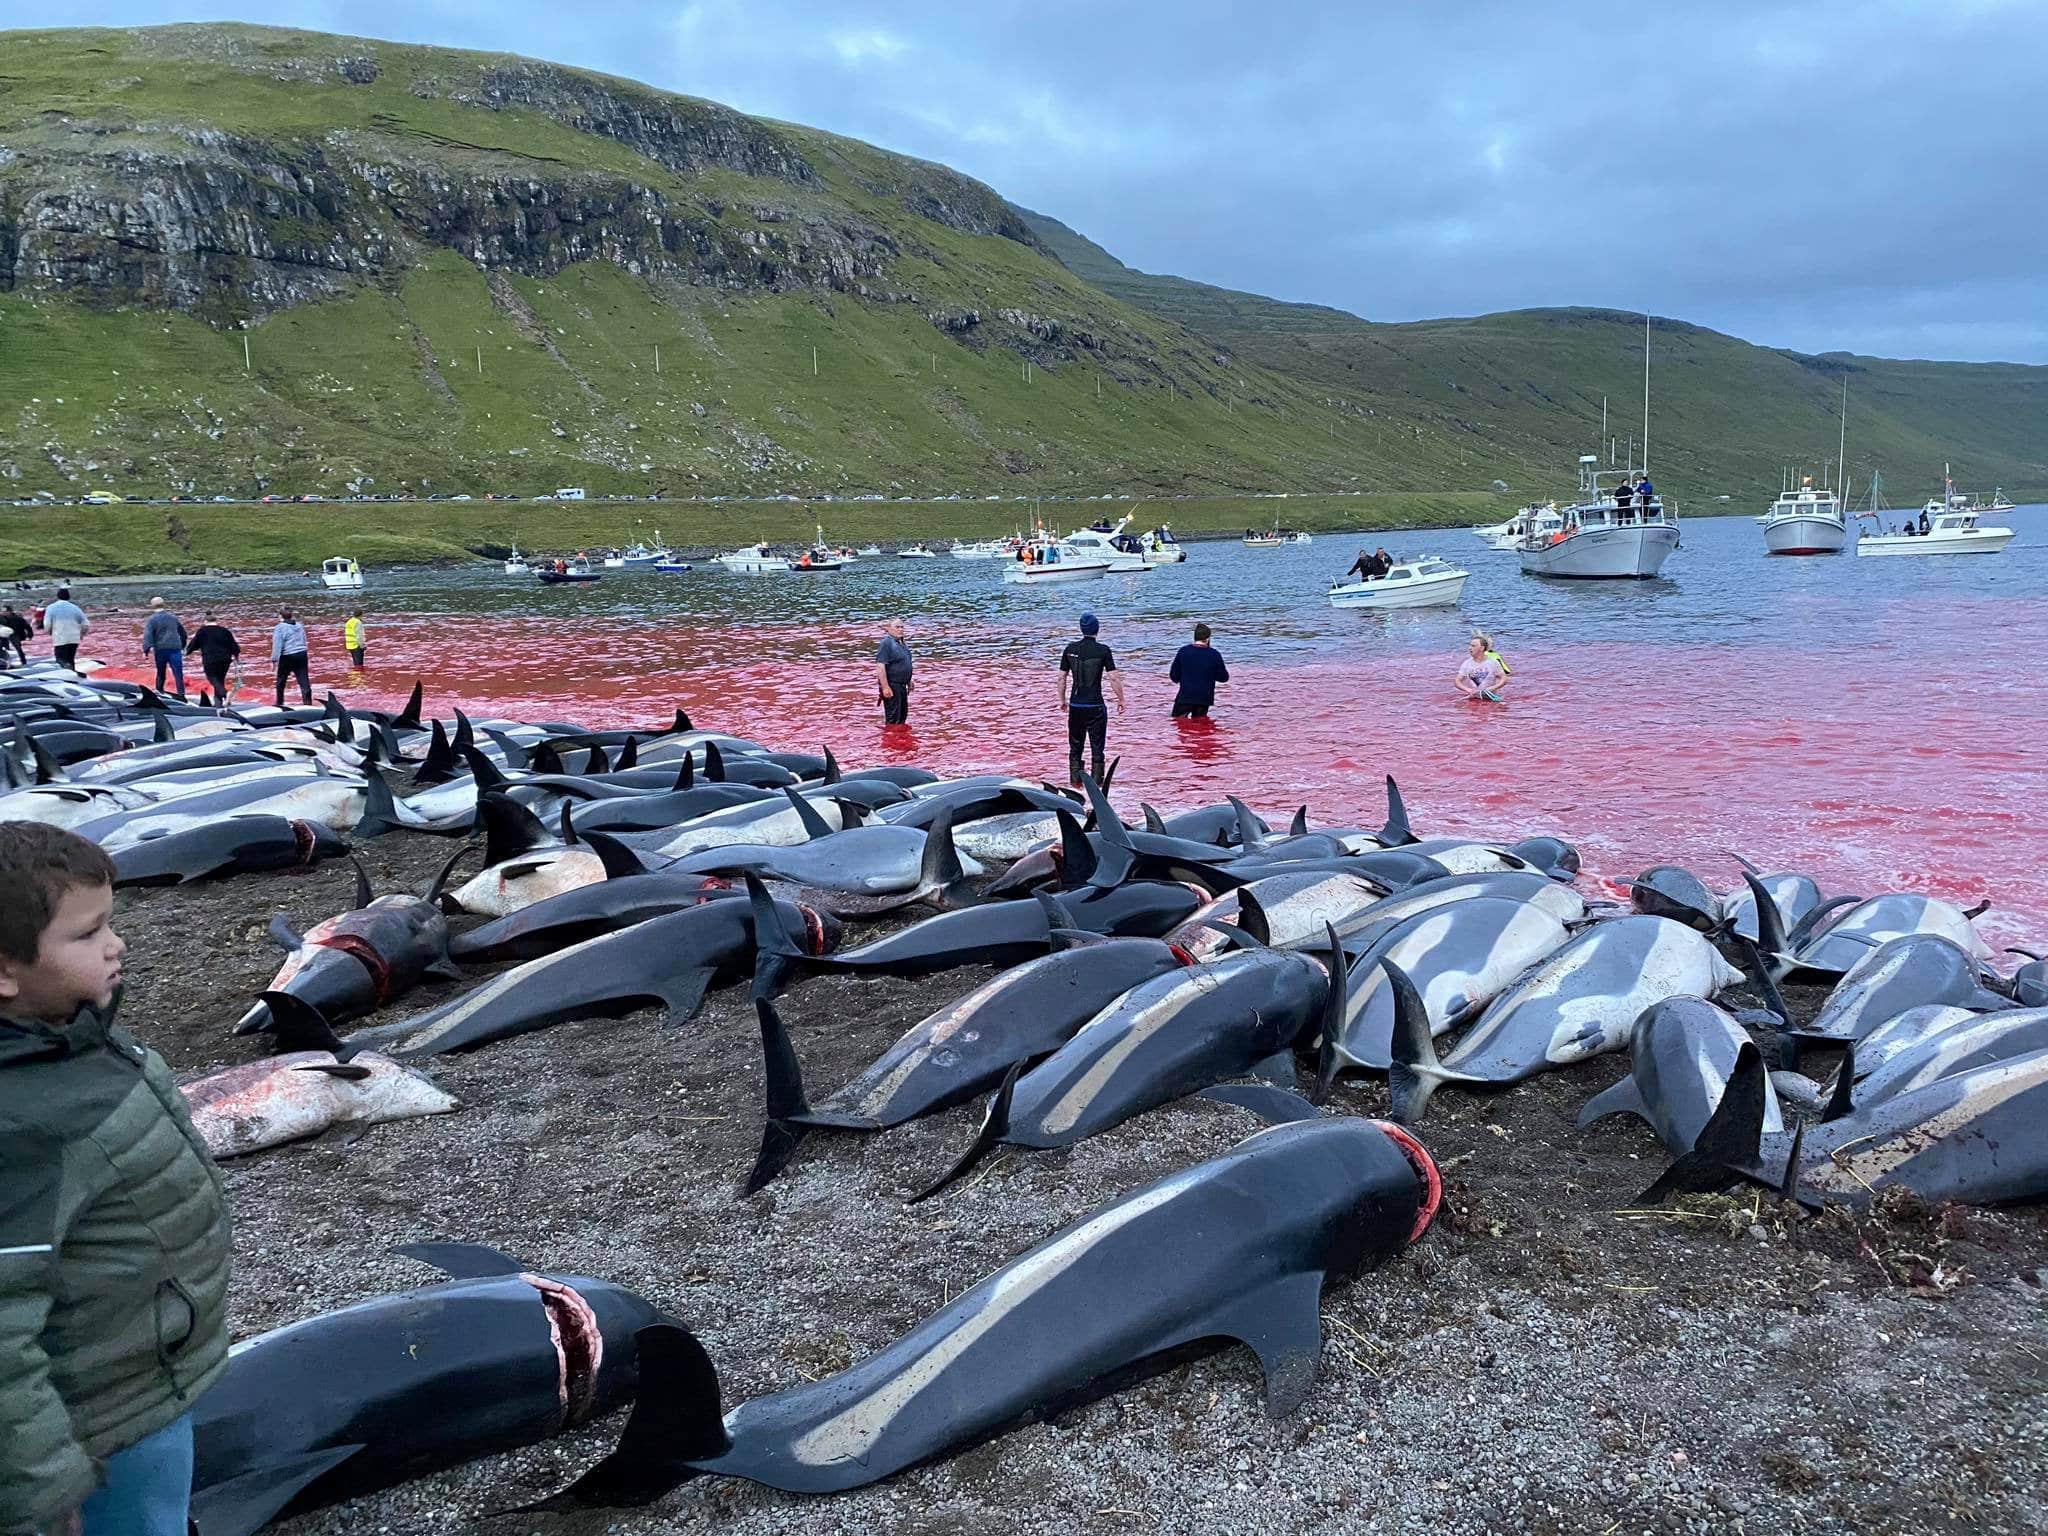 Revoltător! Peste 1.400 de delfini au fost uciși în Insulele Feroe – 60m.ro